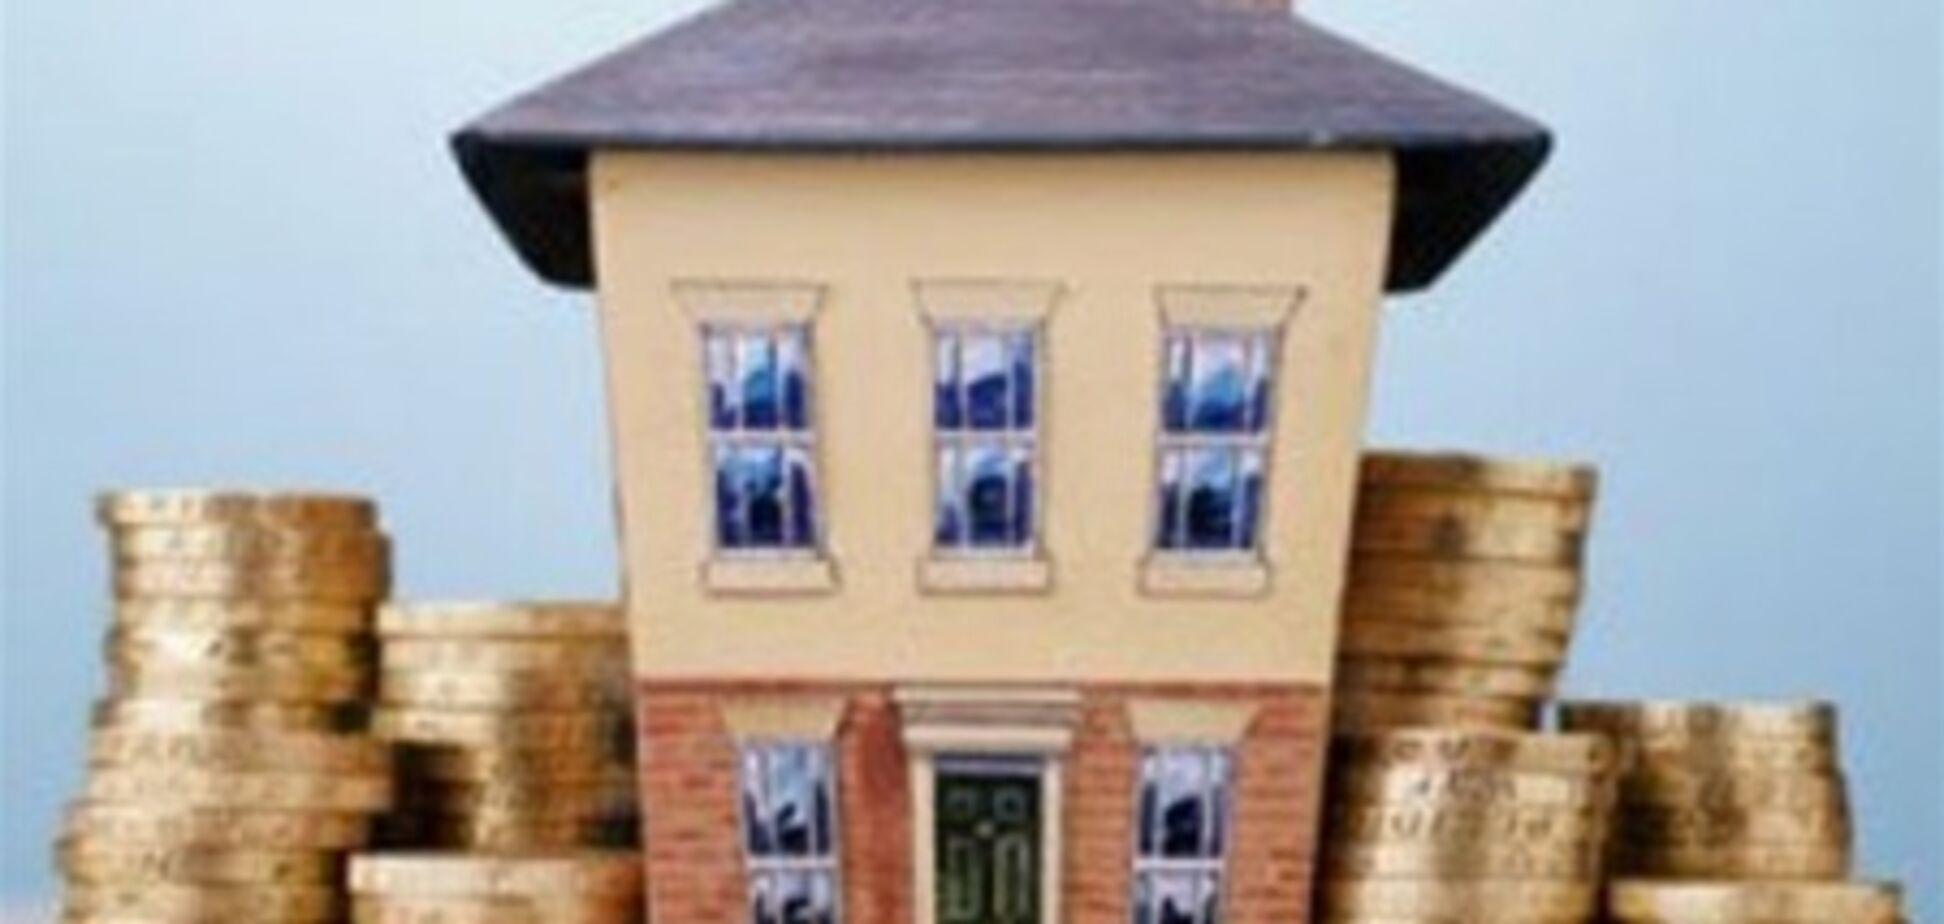 Налог на недвижимость в 2013 году украинцы оплатят авансом